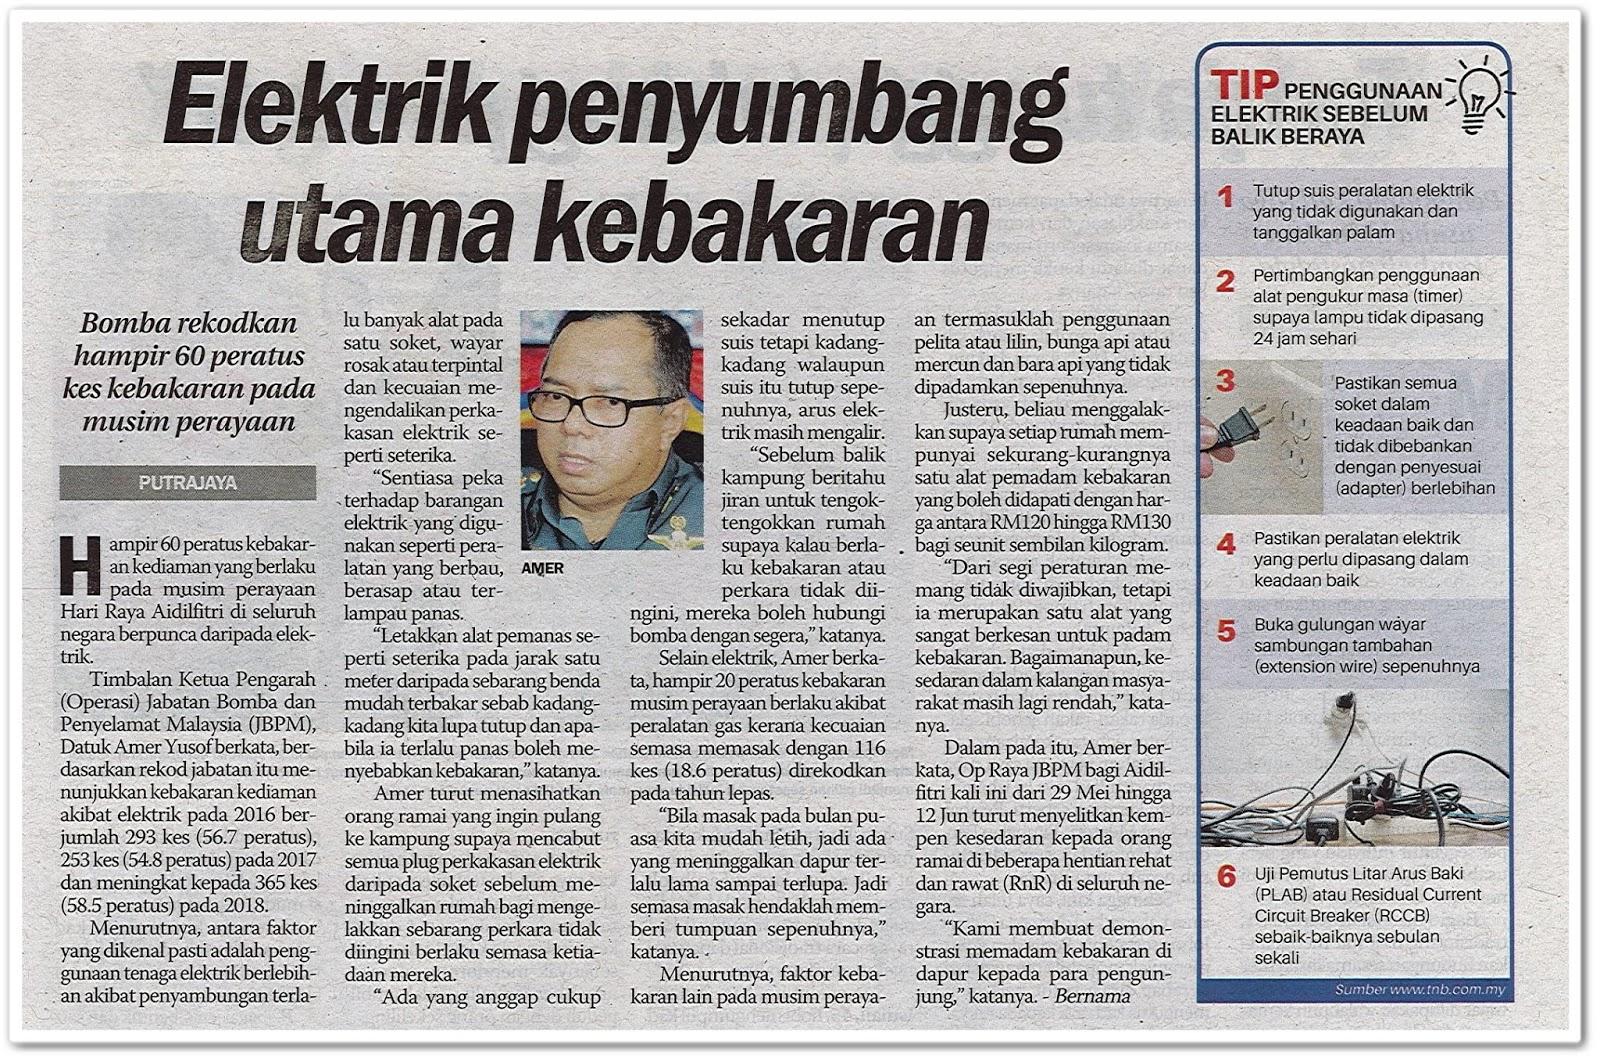 Elektrik penyumbang utama kebakaran - Keratan akhbar Sinar Harian 3 Jun 2019